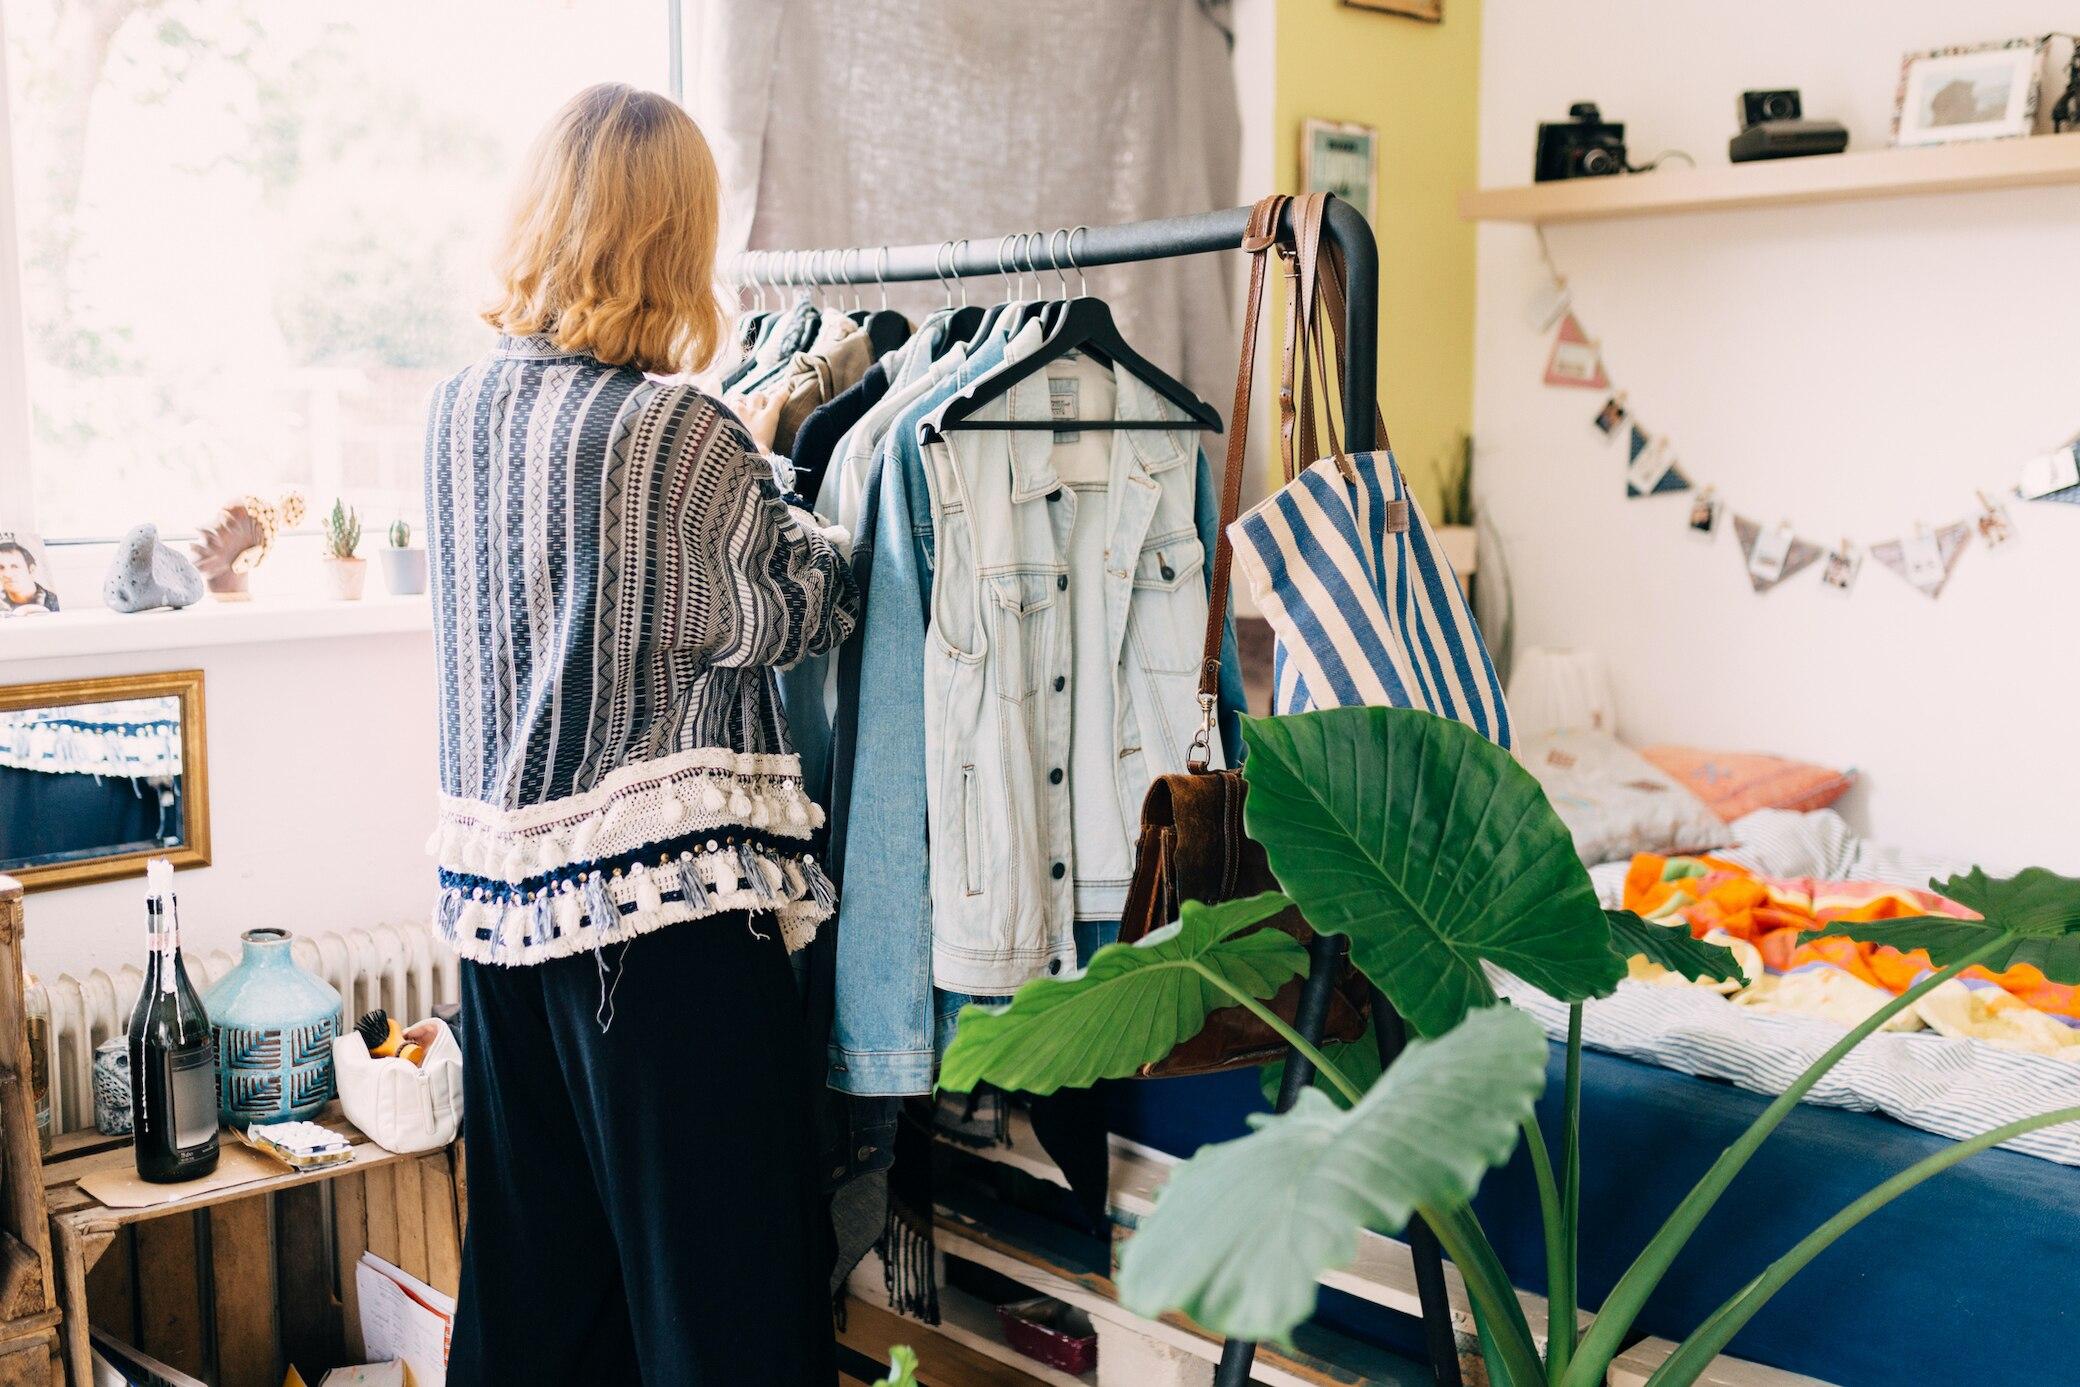 Kleiderb-rsen-im-Check-Wo-kann-ich-gebrauchte-Kleidung-am-besten-online-verkaufen-